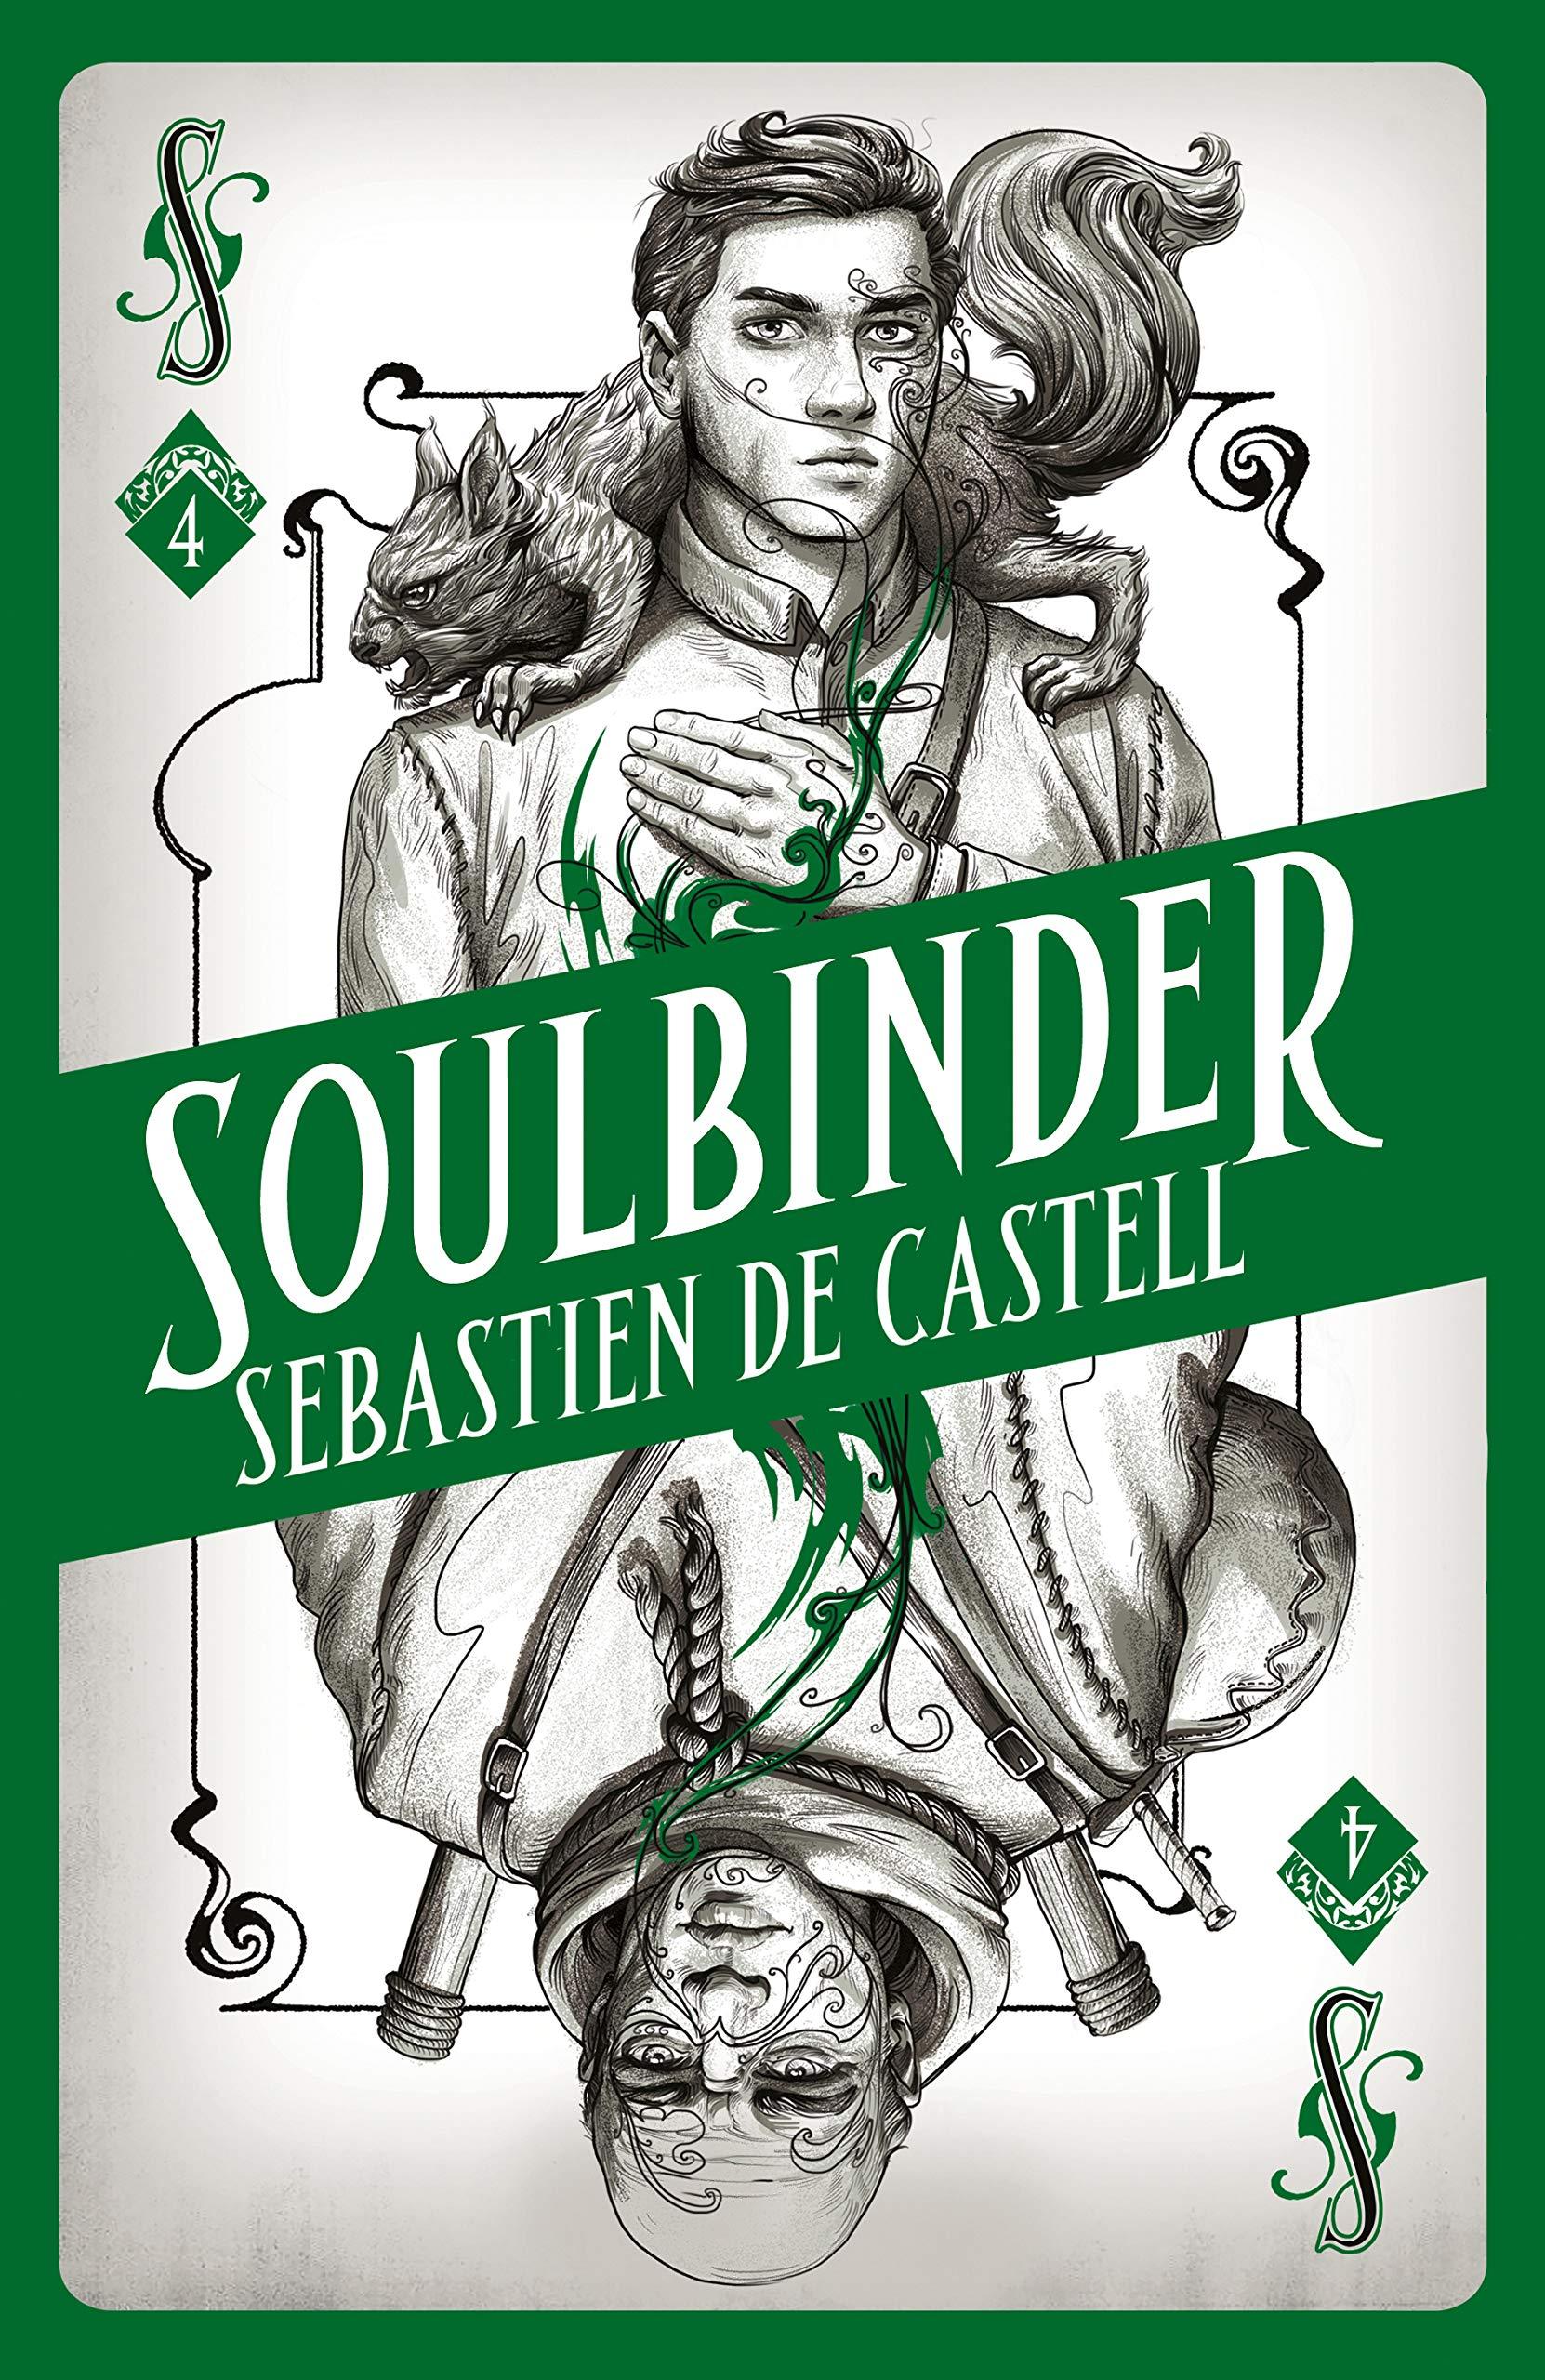 Image result for soulbinder sebastien de castell